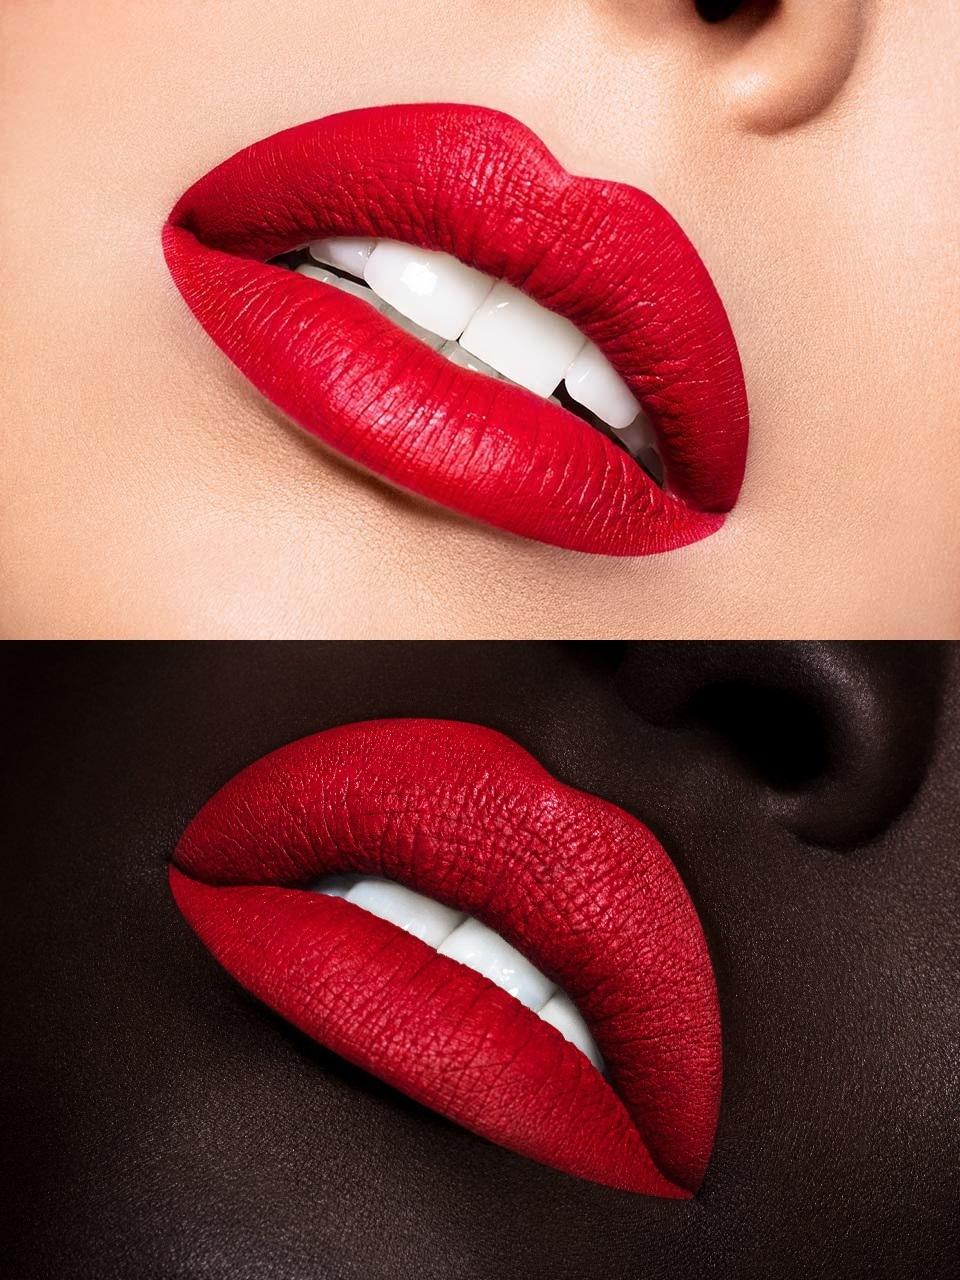 Afrik Matte Liquid Lipstick sur ckarlysbeauty.com